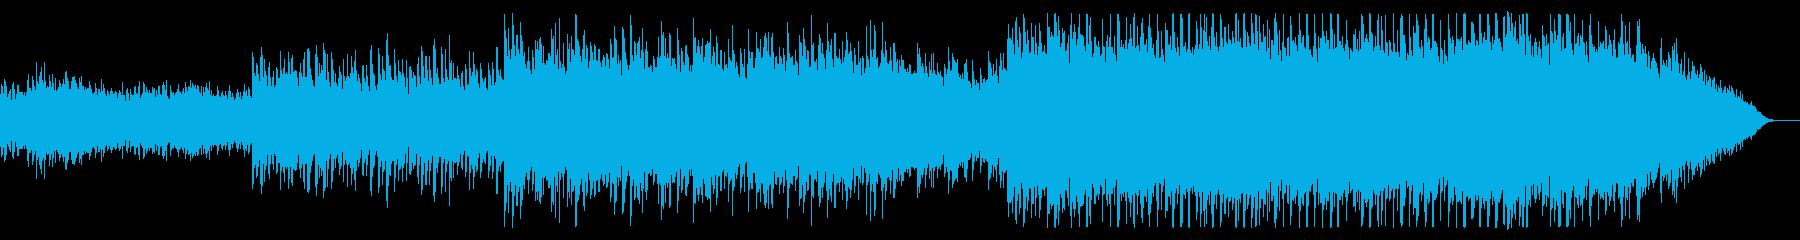 幻想的でキラキラなポップスの再生済みの波形